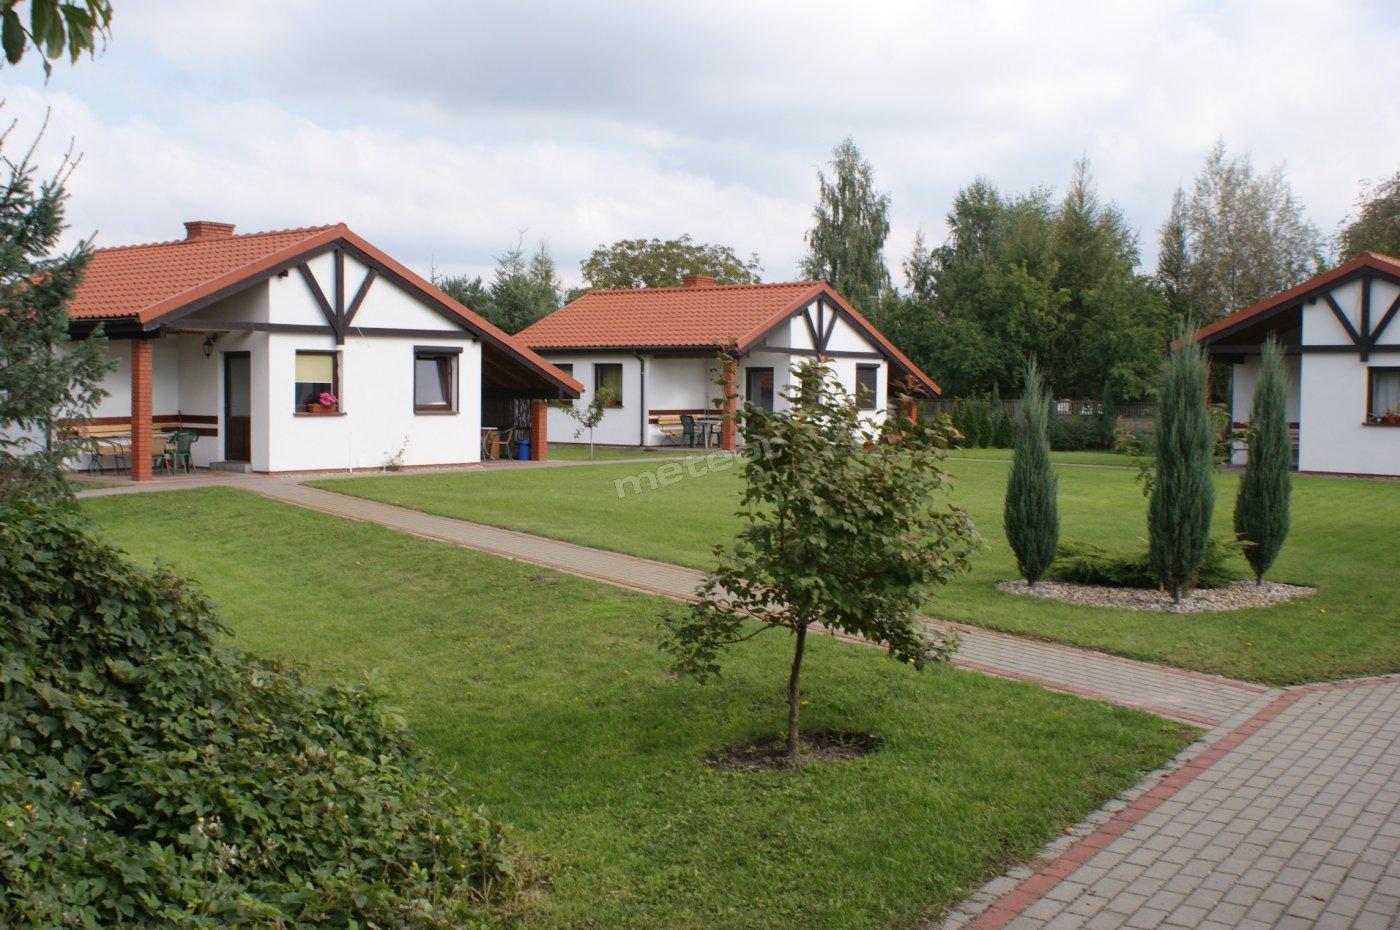 Domki sześcioosobowe